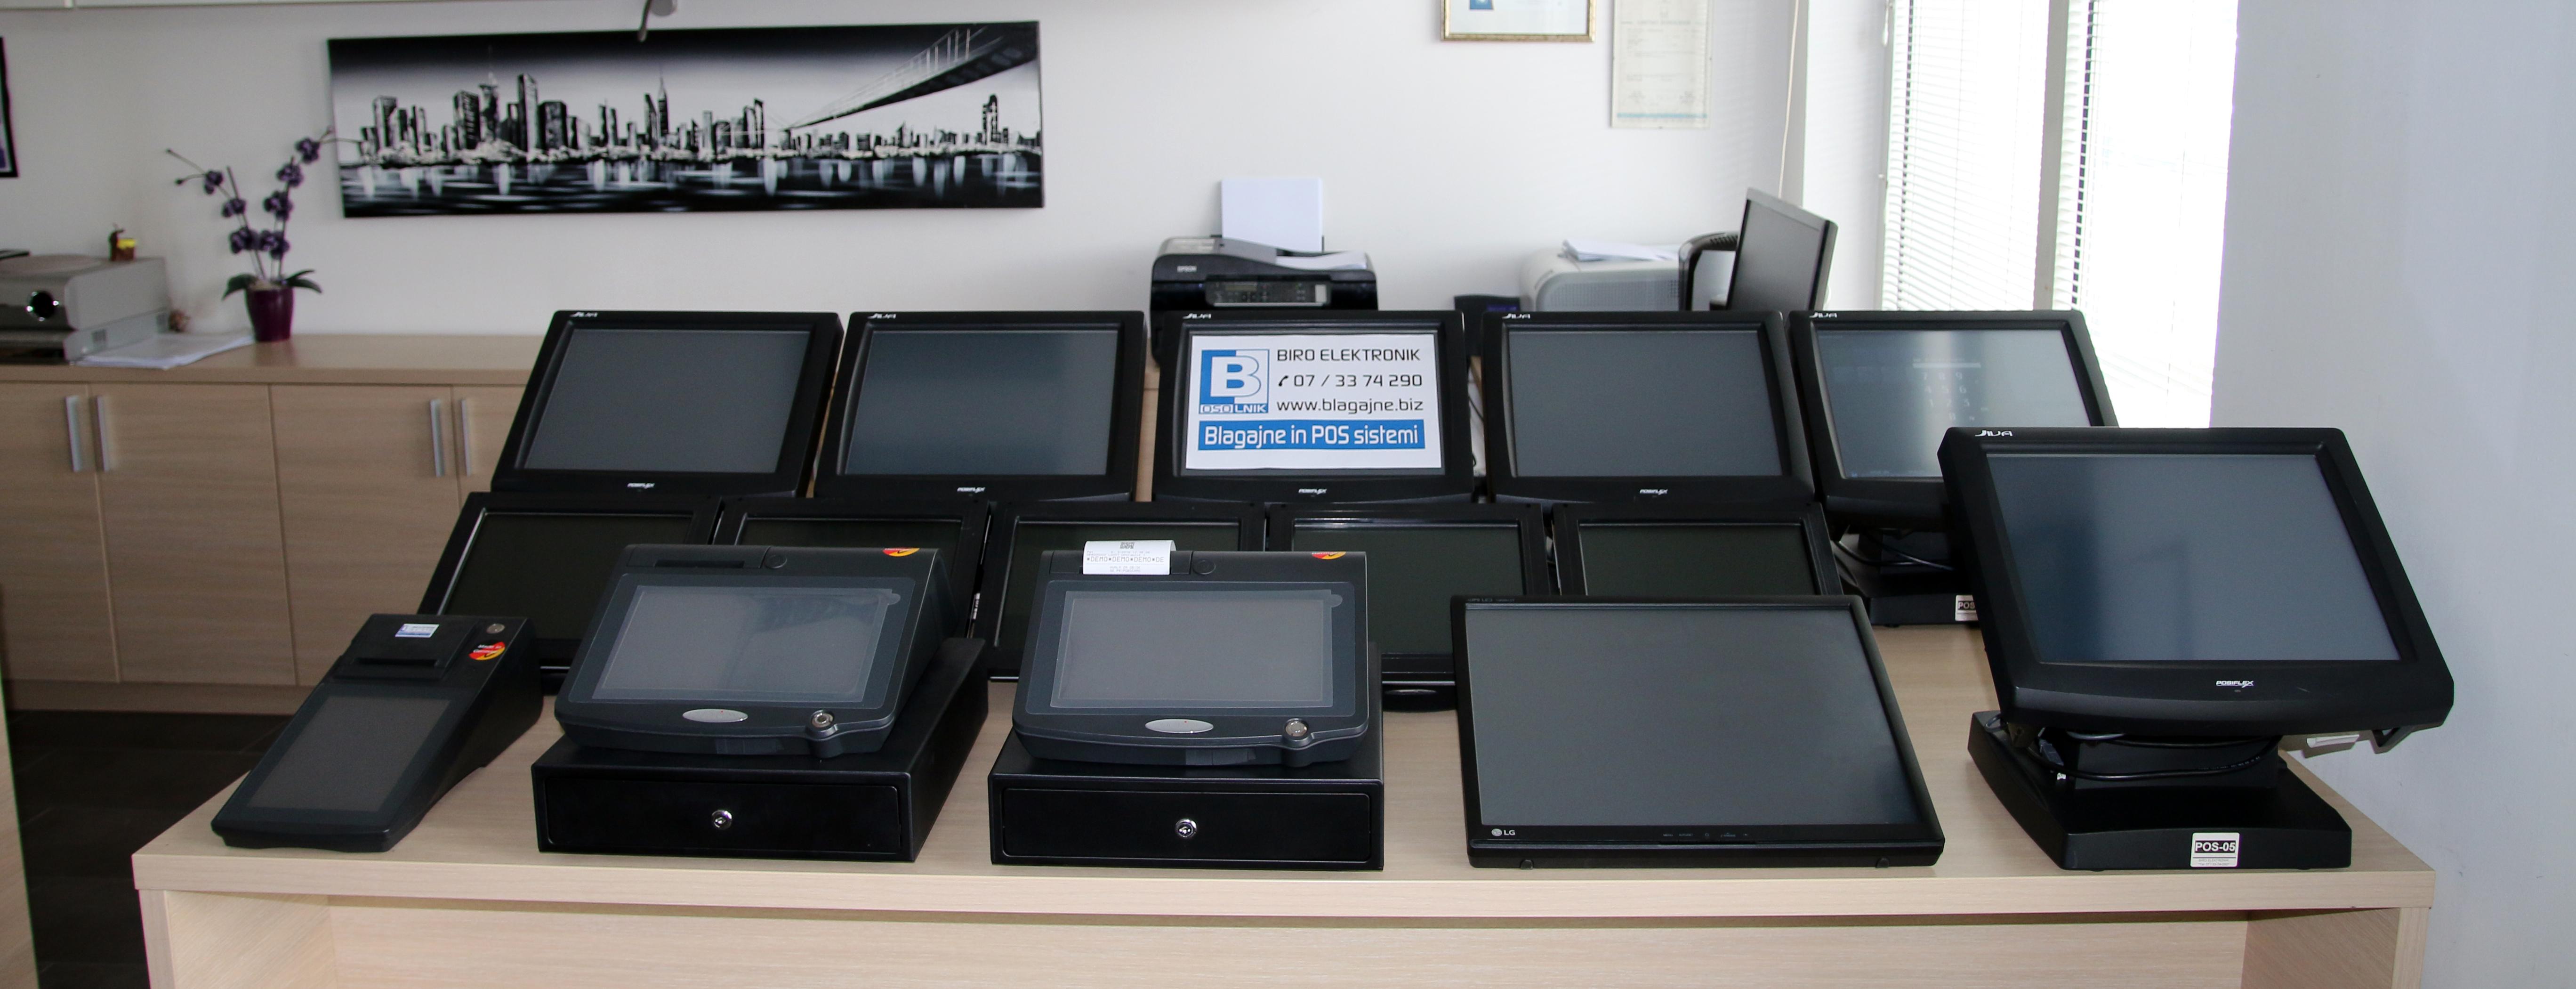 Računalniške davčne blagajne